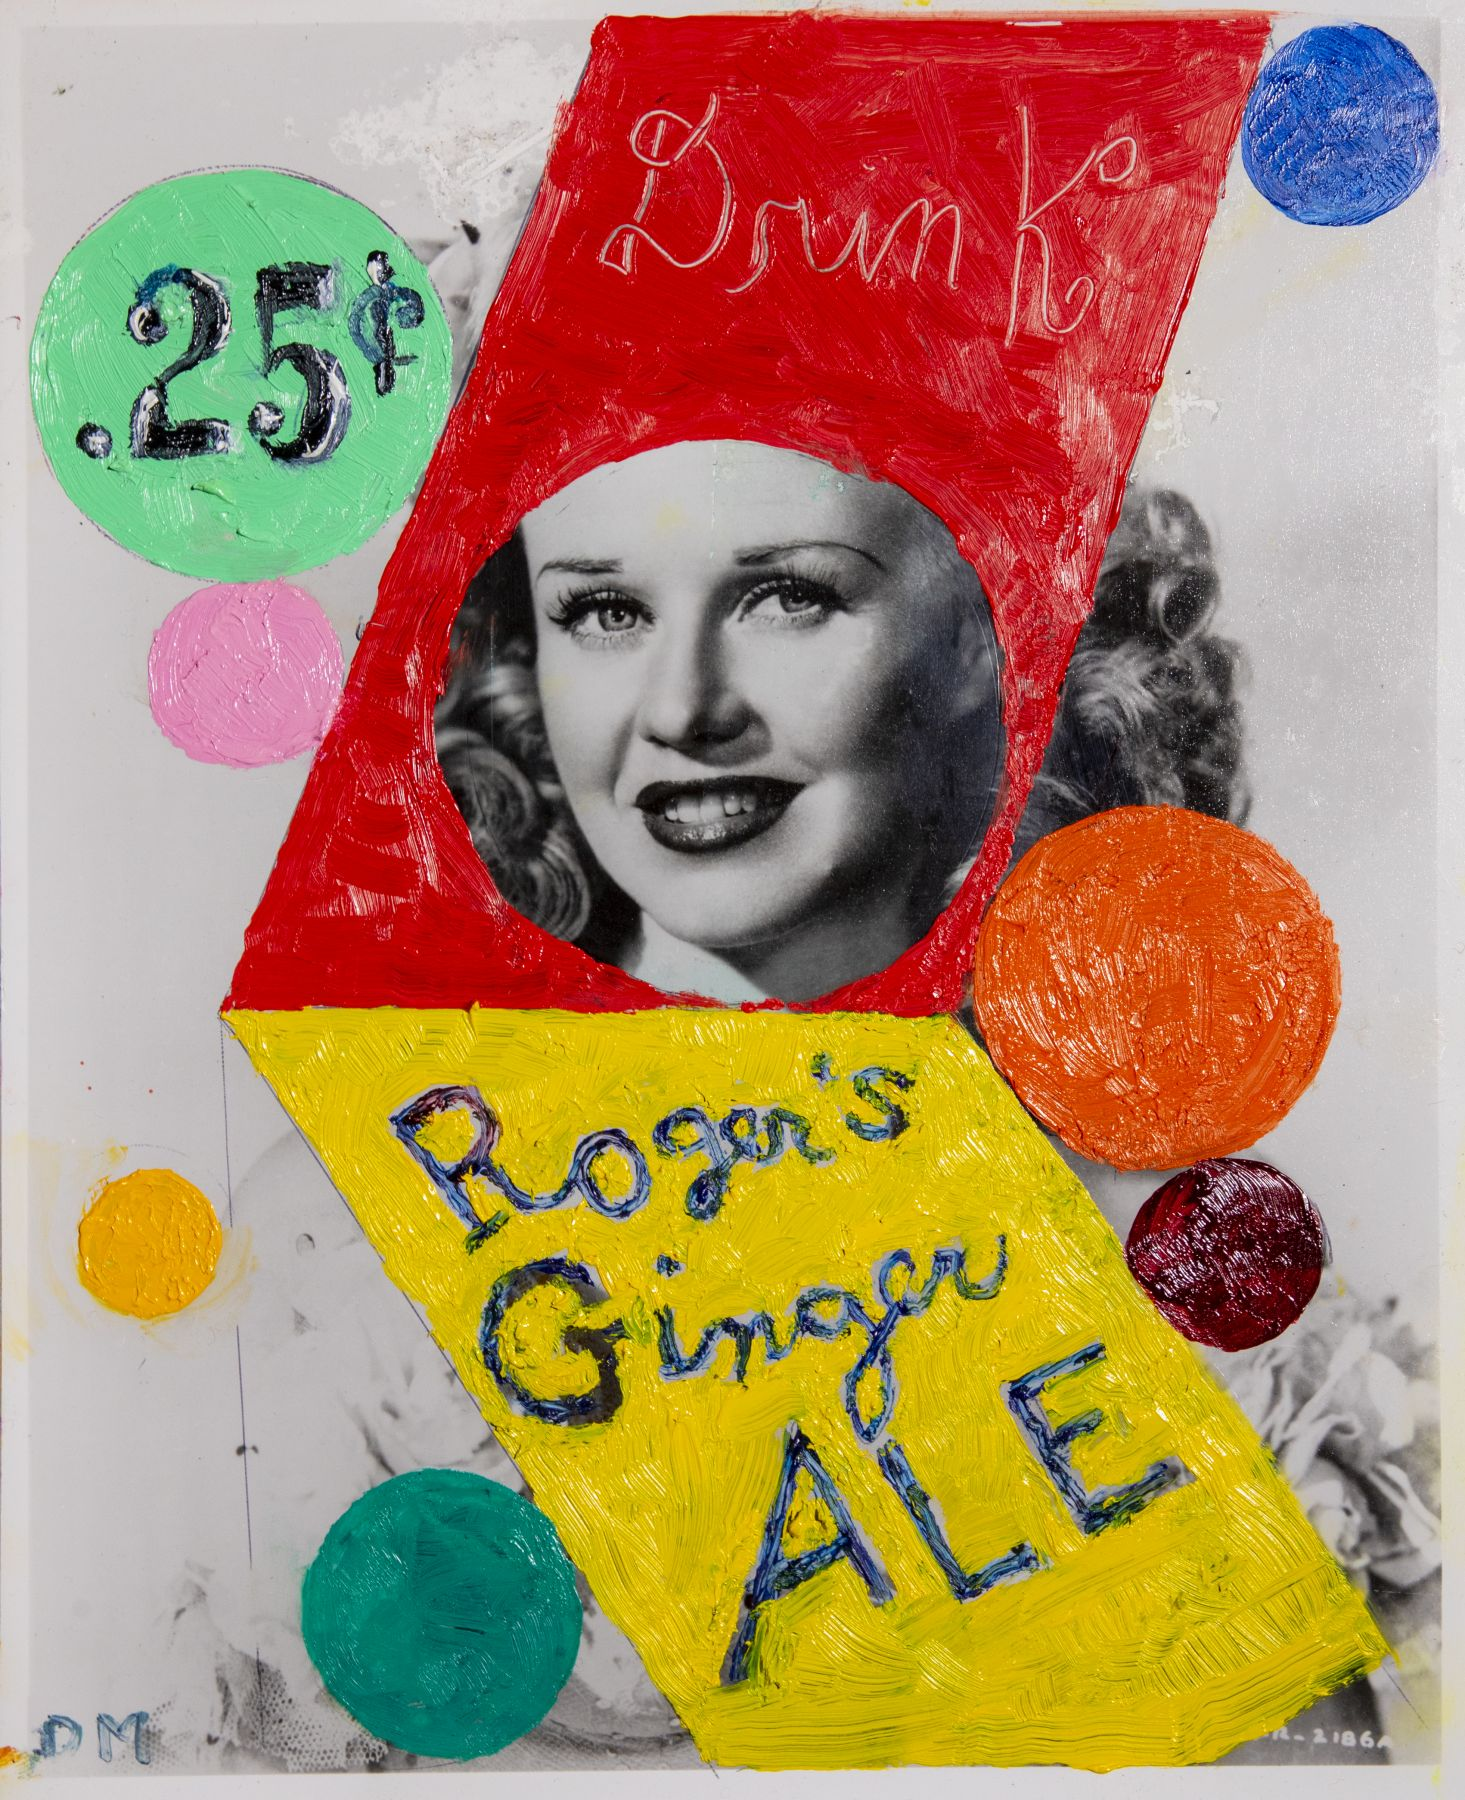 Roger's Ginger Ale, 2019